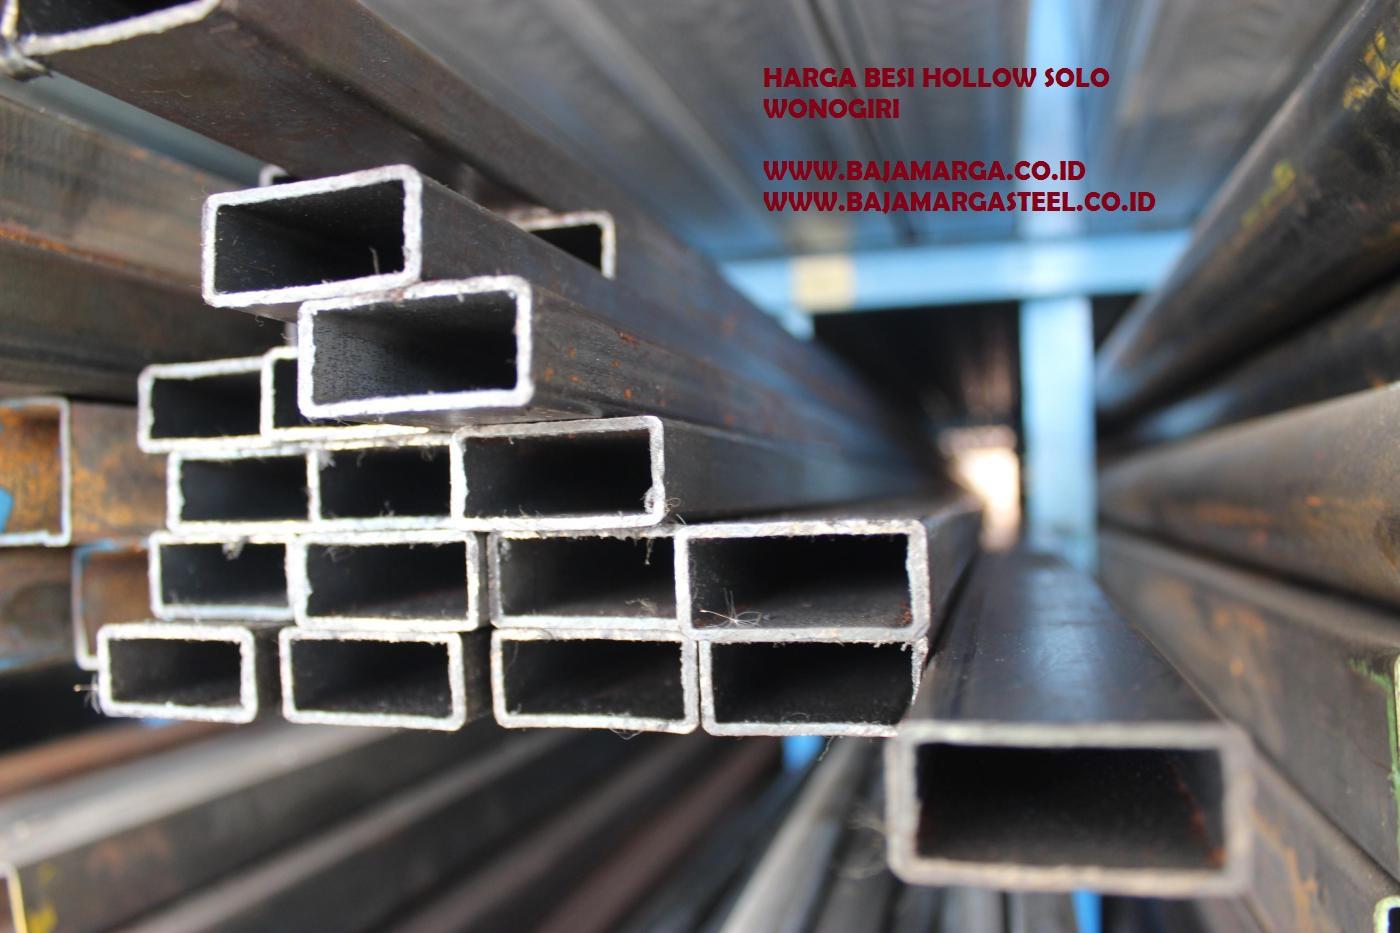 Besi Hollow 2 4 1 2mm Per Batang Solo Baja Marga Wonogiri